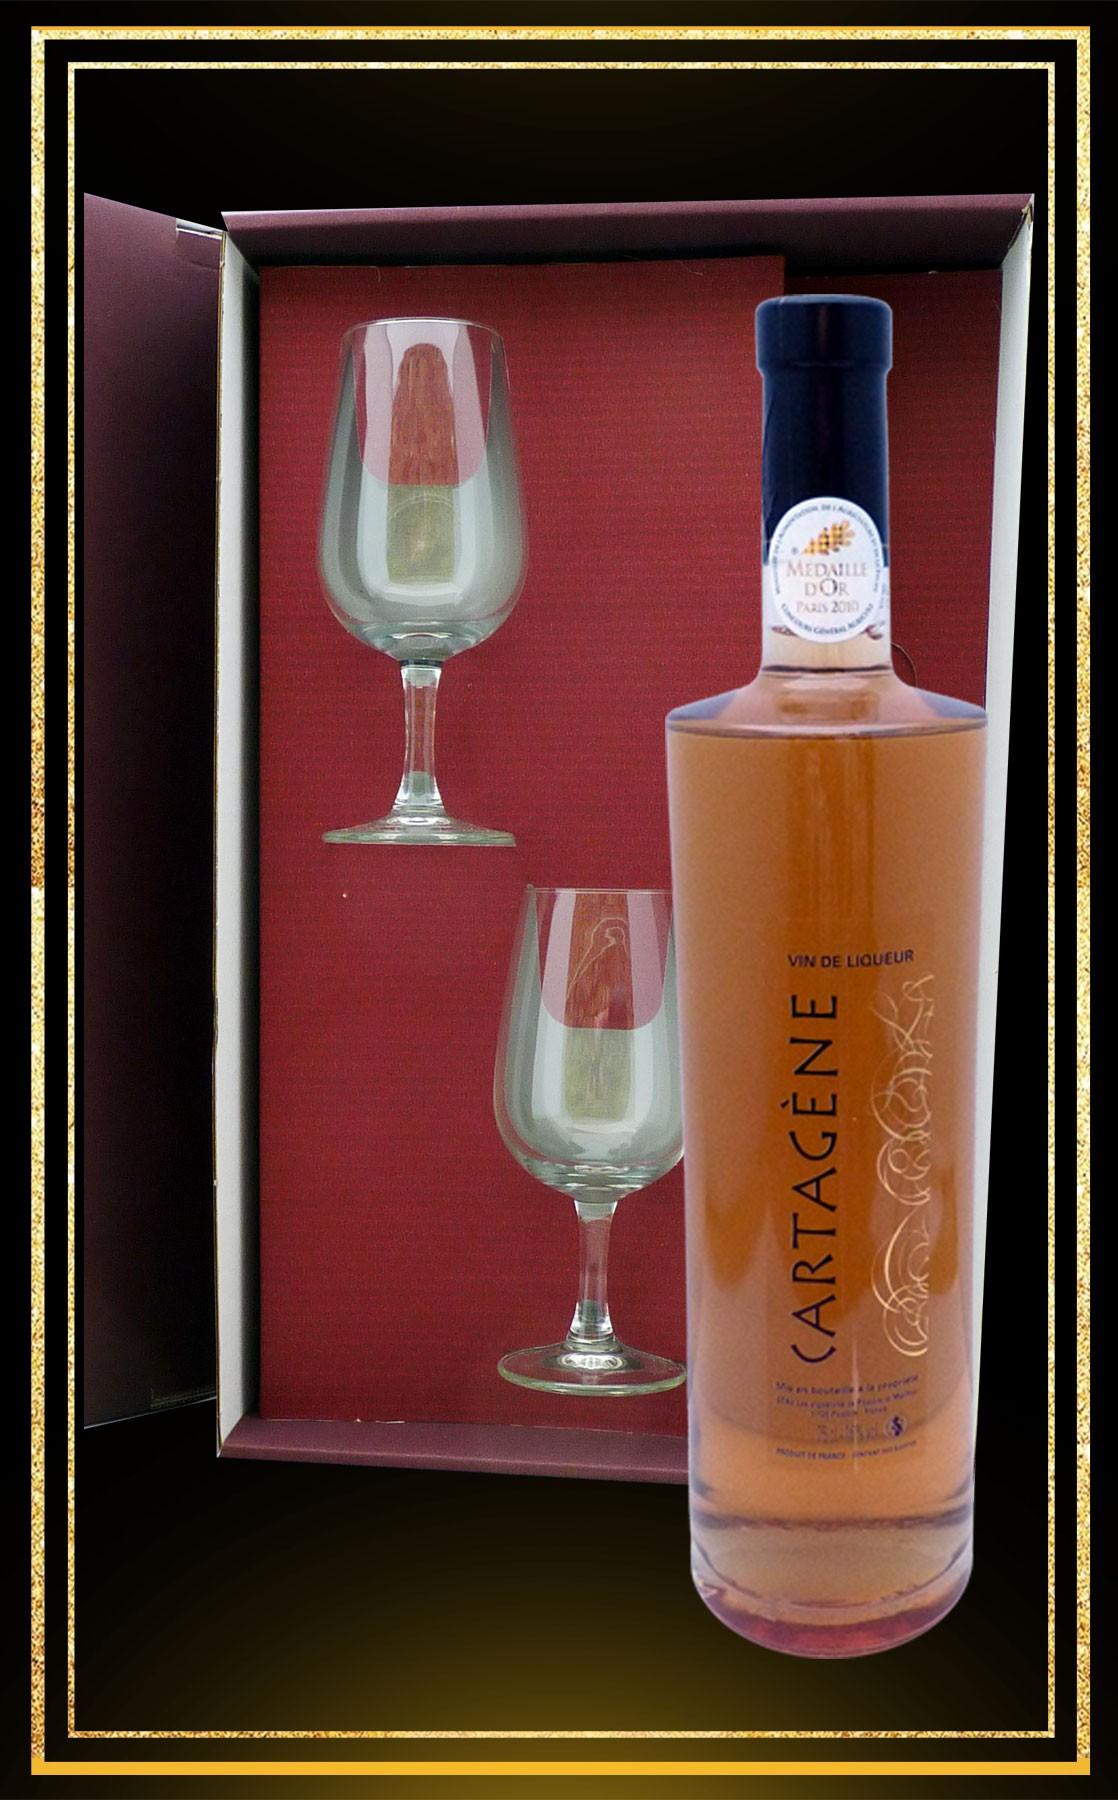 Coffret cadeau Cartagène, 2 verres à vin et Cartagène du Languedoc 75cl